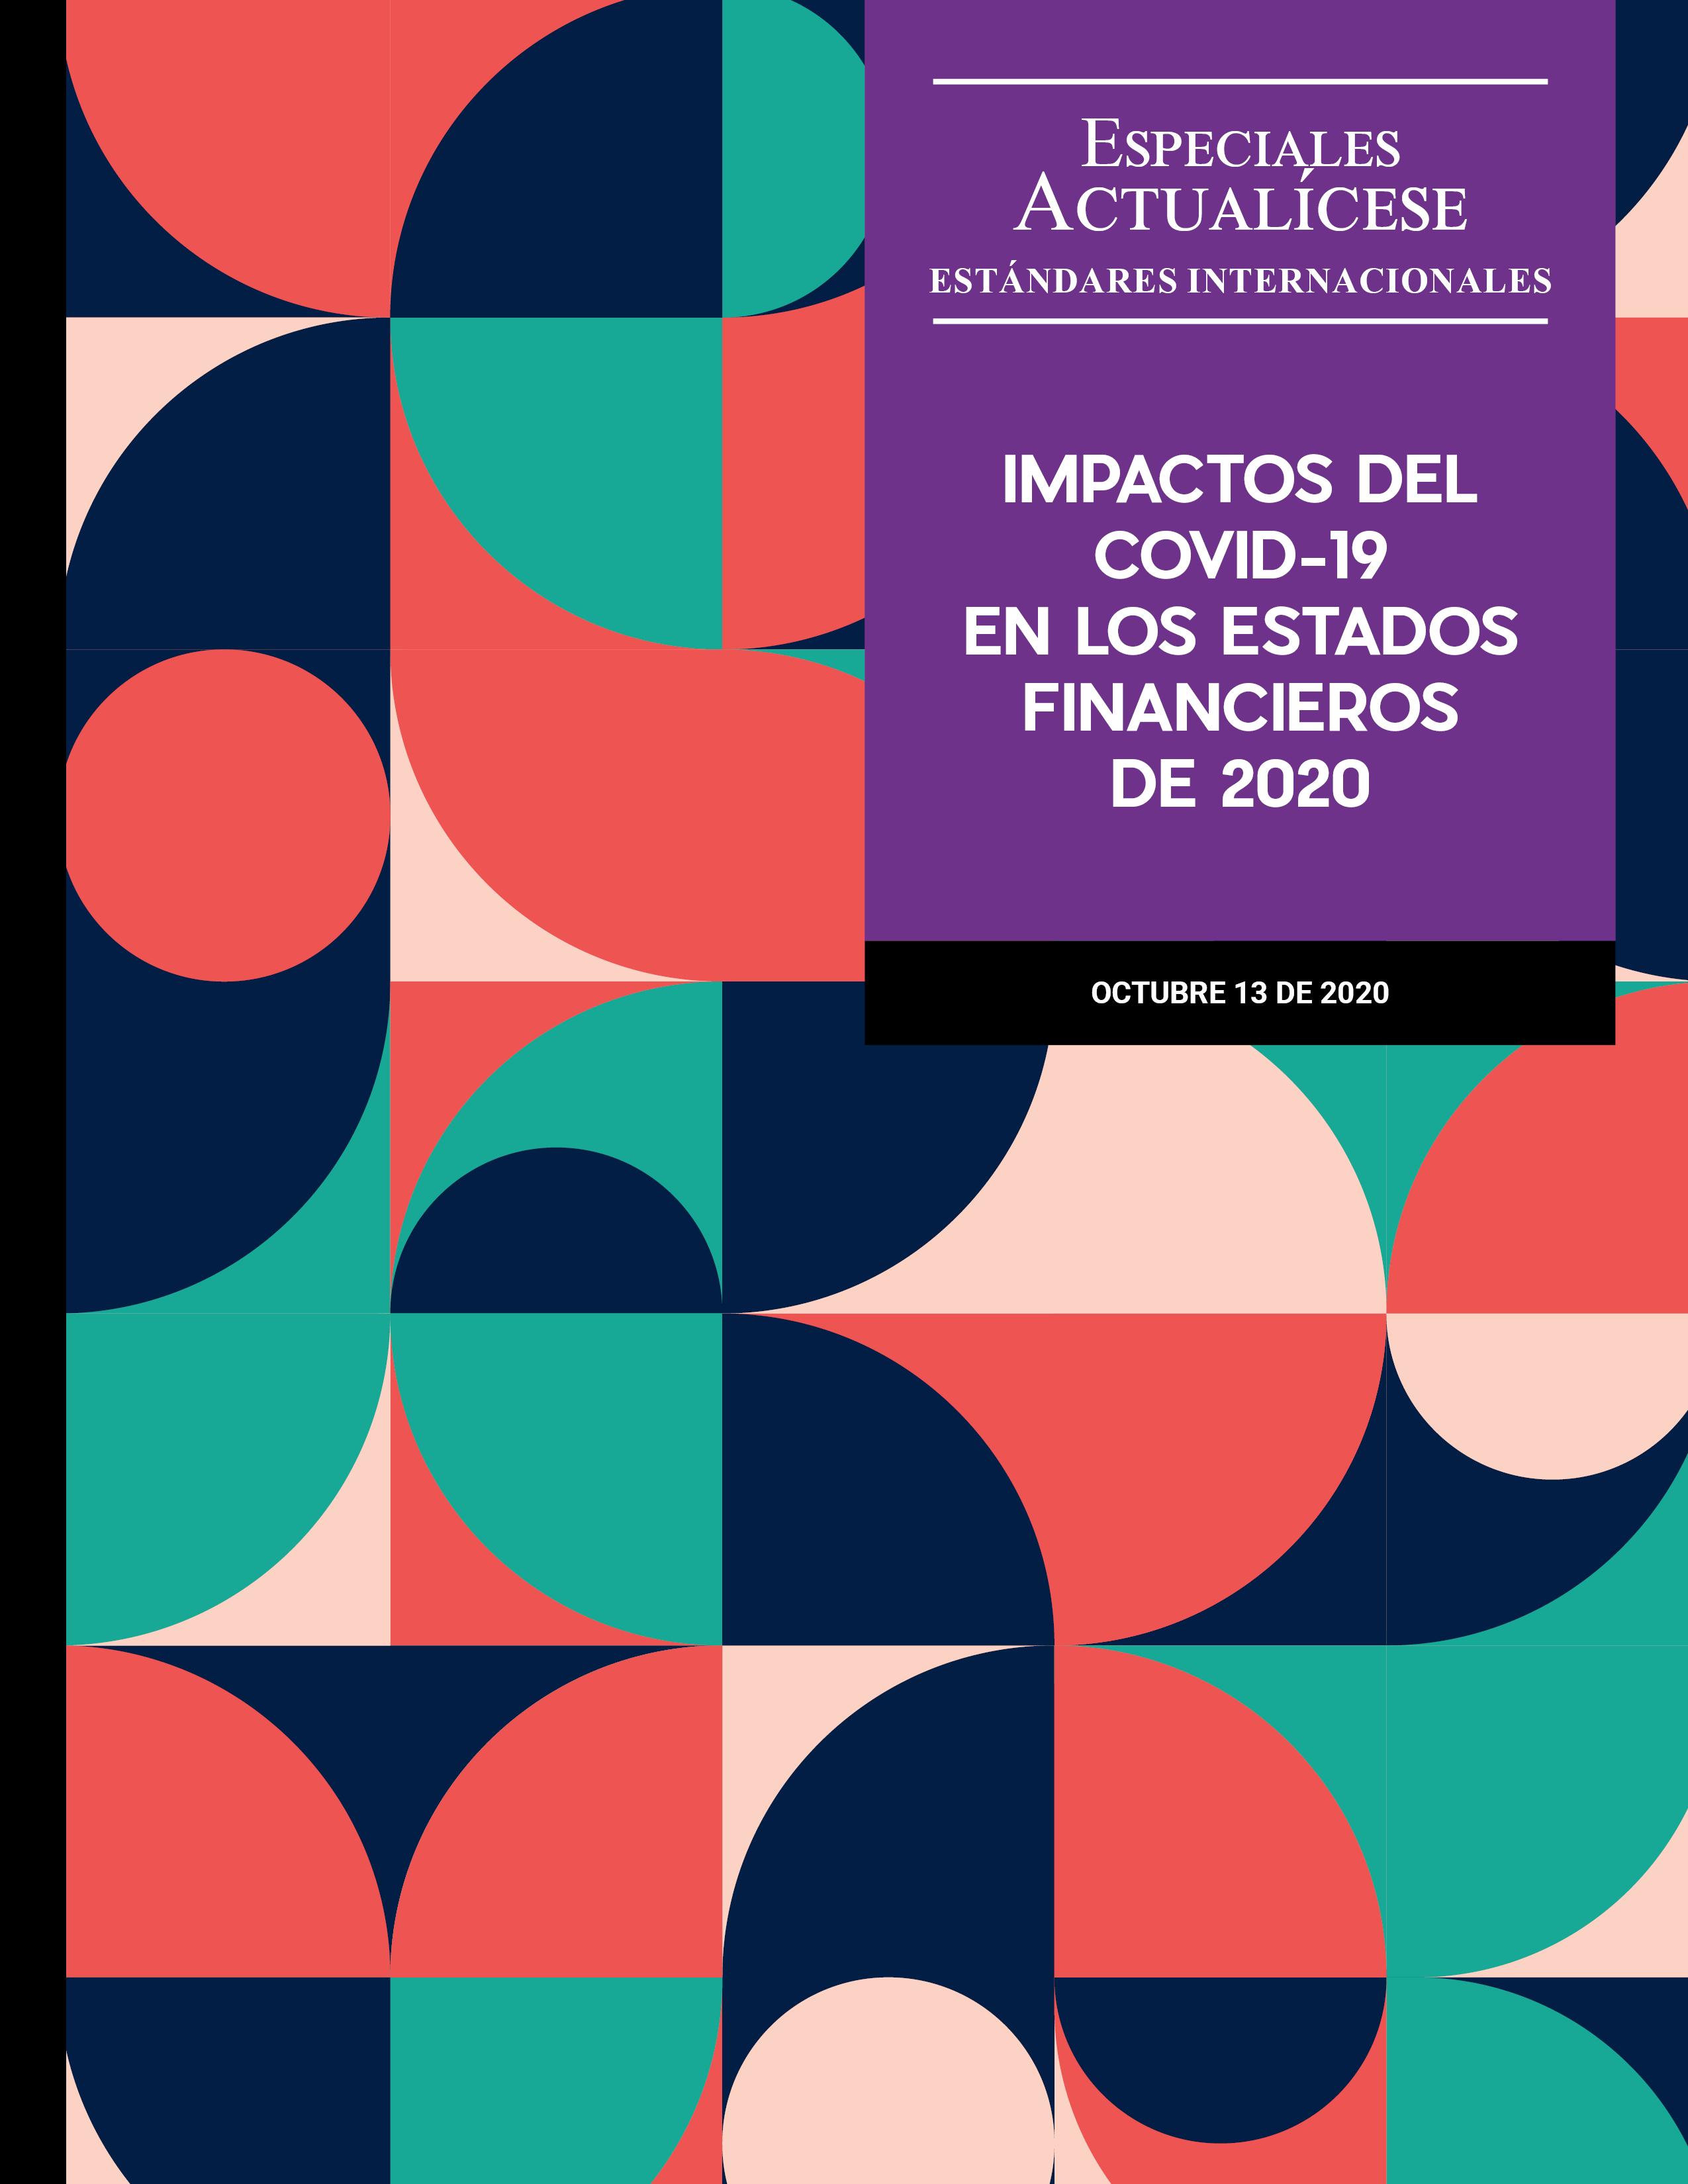 Impactos del COVID-19 en los estados financieros de 2020